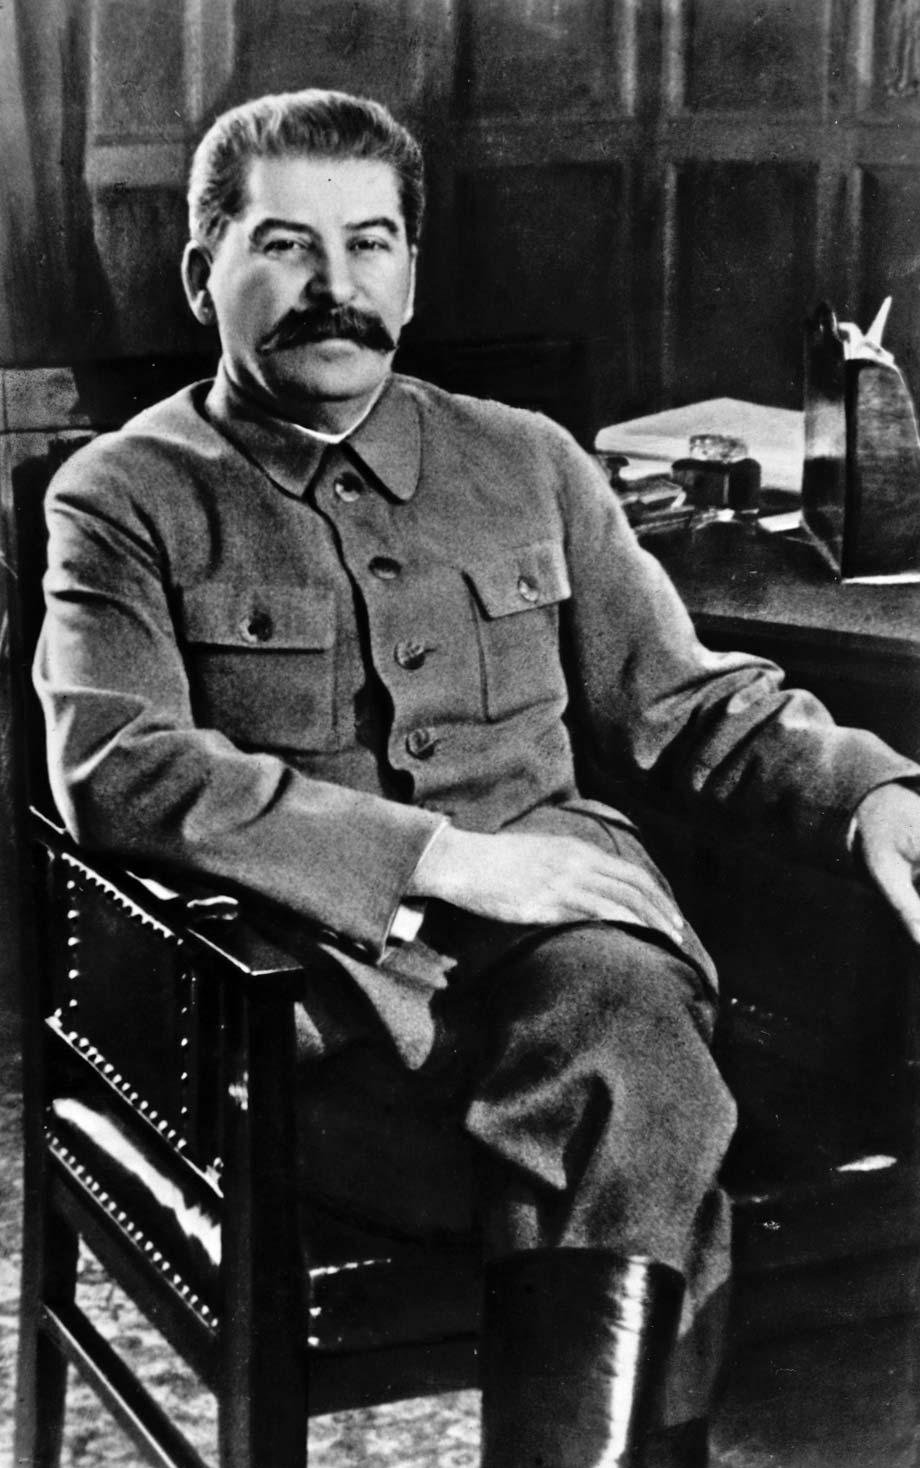 صورة لجوزيف ستالين